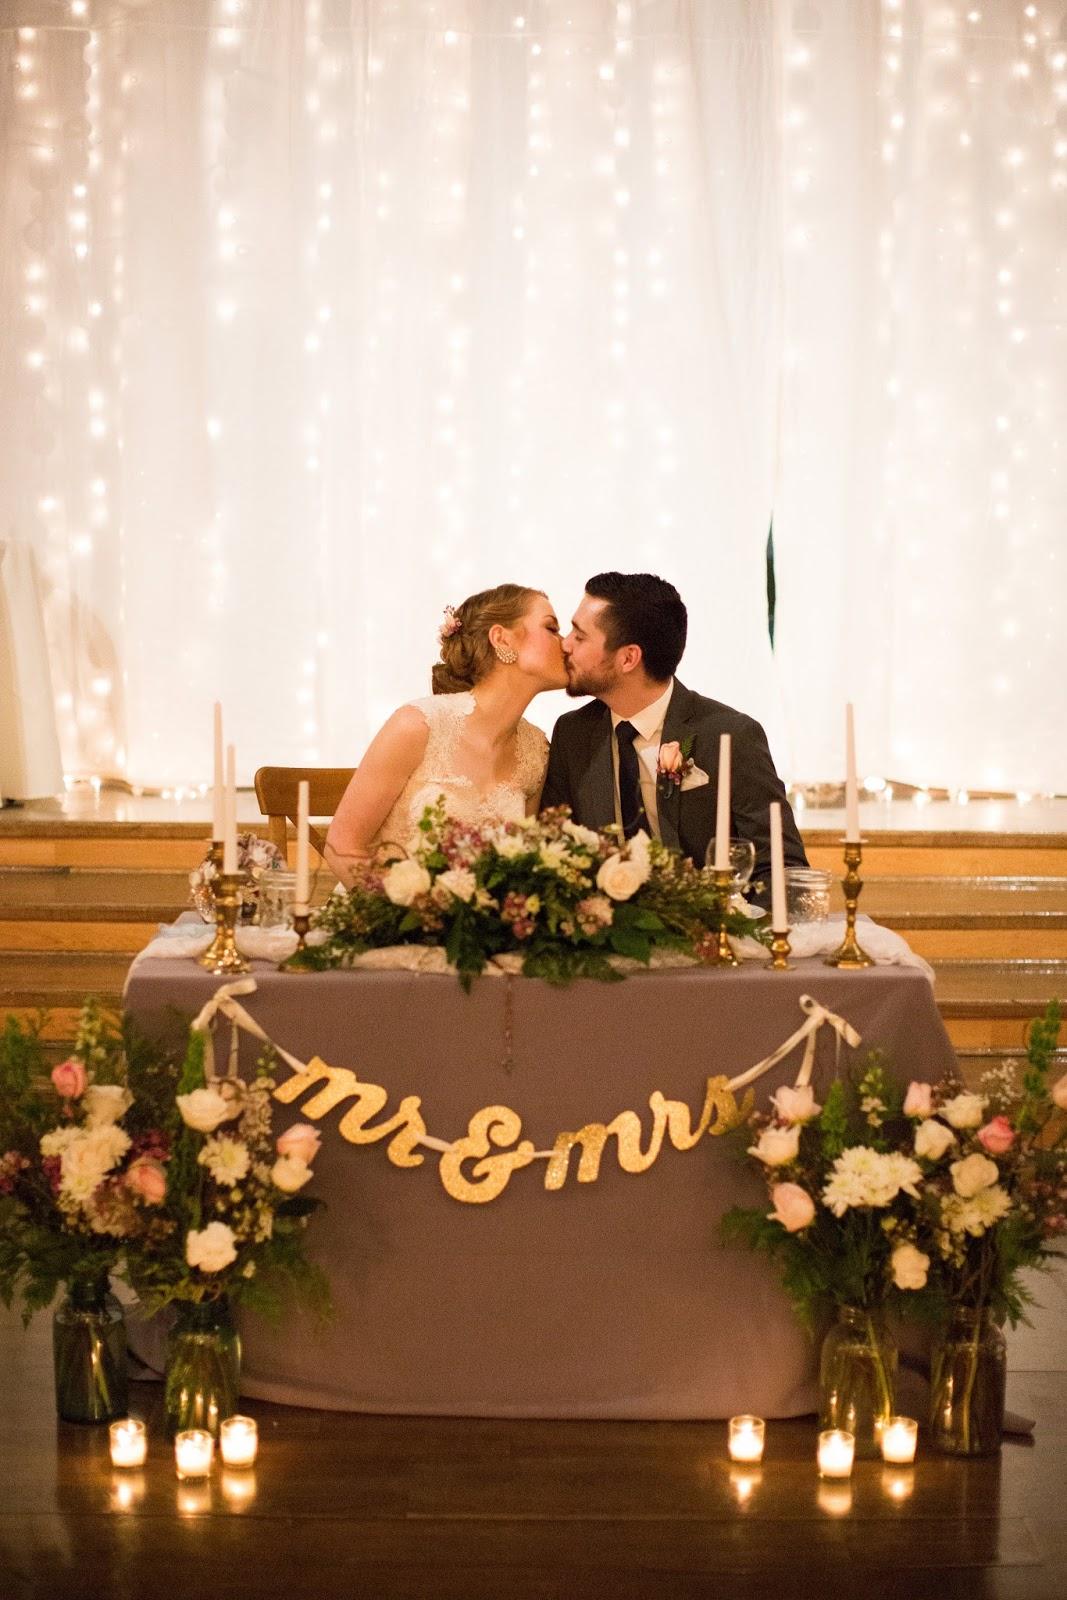 Wedding decorations at church november 2018 Katina Tsahalis katinatsahalis on Pinterest